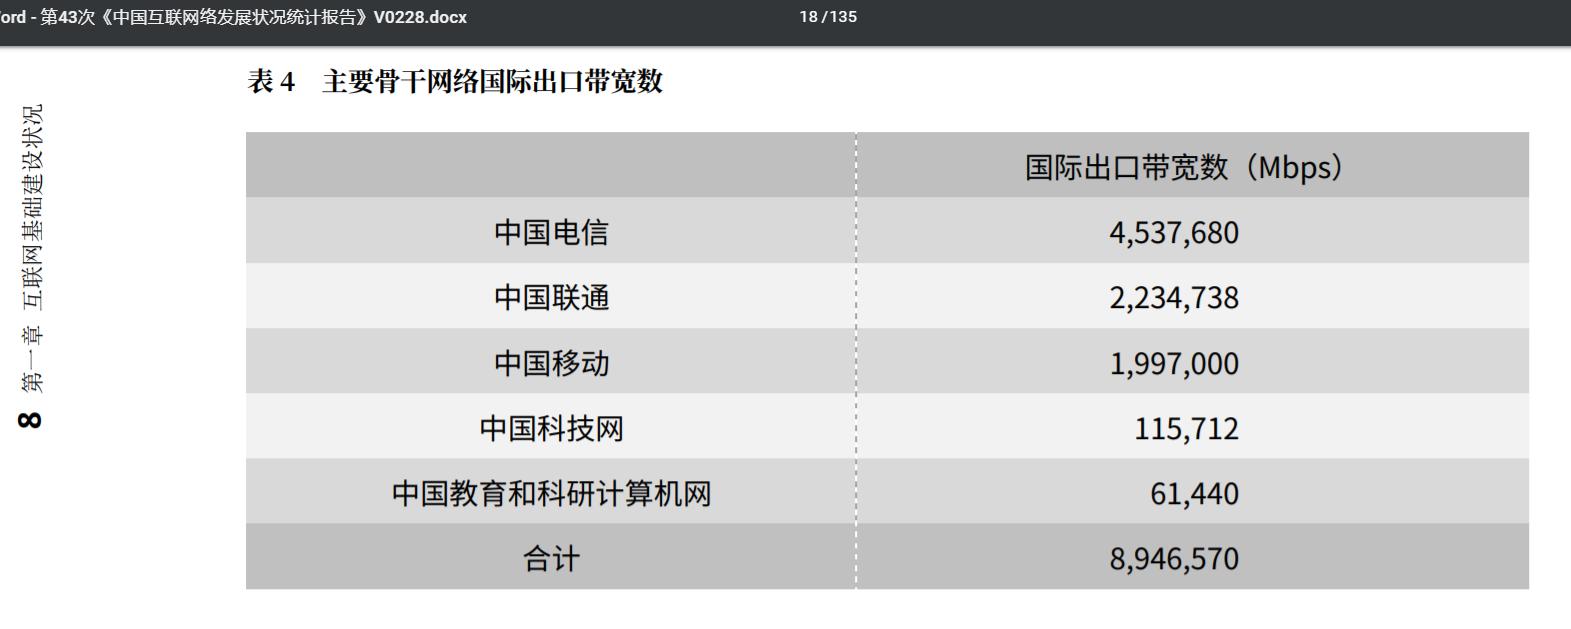 2019年2月 中国主要骨干网络国际出口带宽数